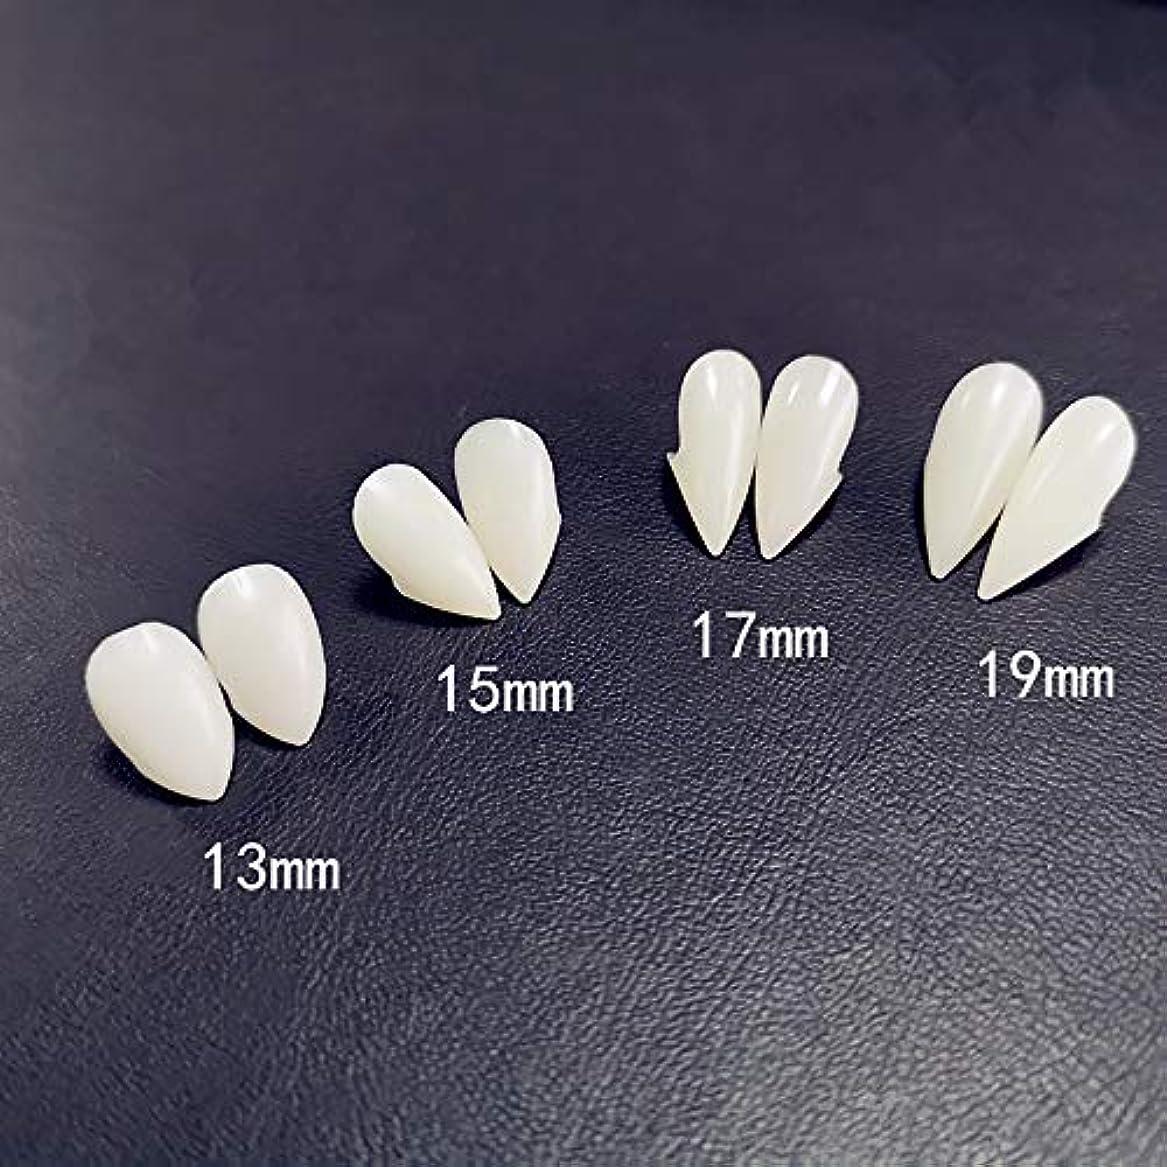 6ペア牙キット歯の入れ歯歯の牙入れ歯小道具ハロウィーンの衣装小道具パーティーの好意休日DIYの装飾ホラー大人のための子供,17mm